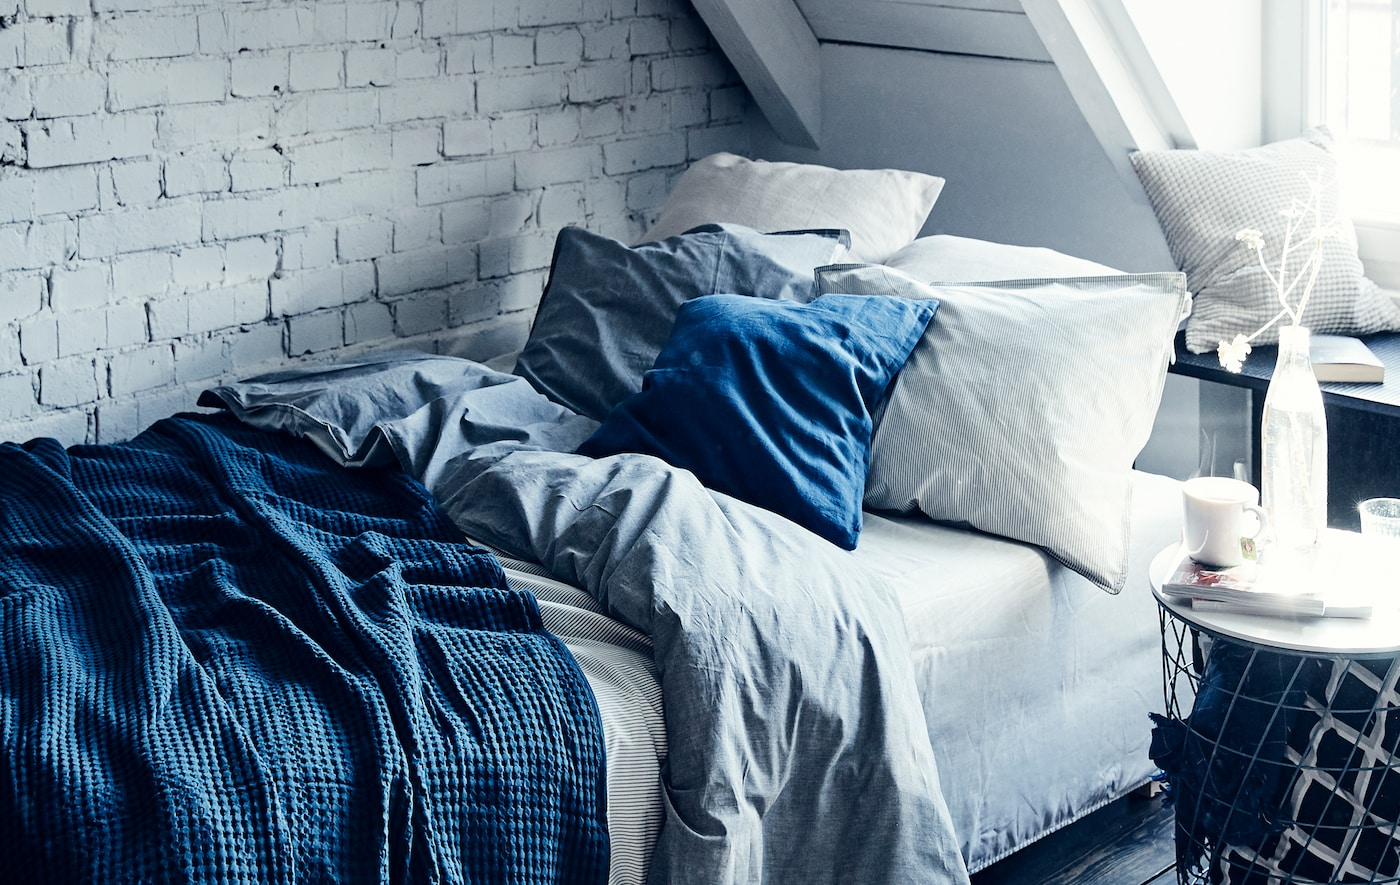 Uma cama com camadas de roupa de cama em azul e branco contra uma parede em alvenaria pintada de branco.